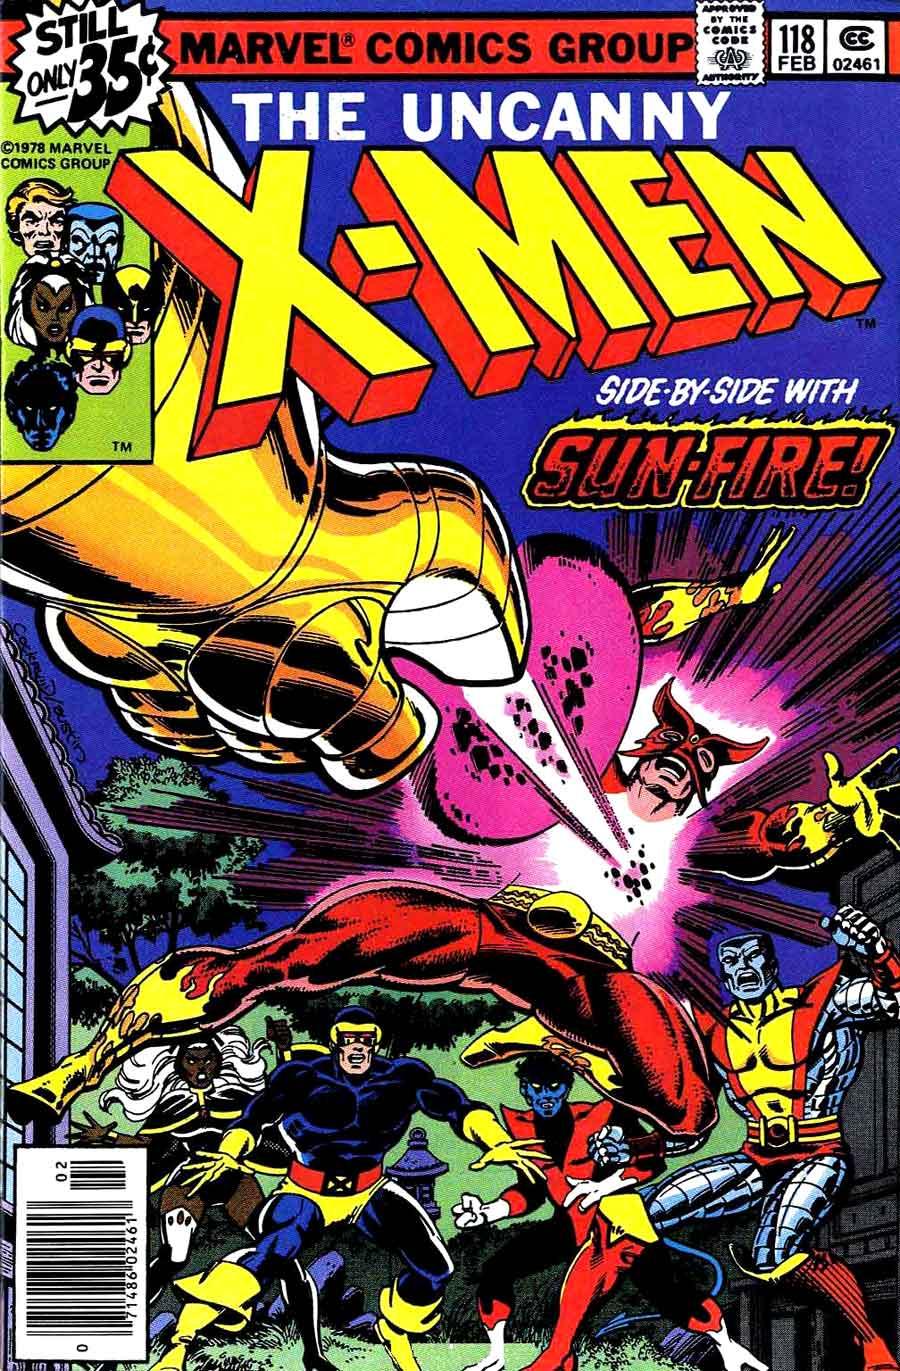 X-men v1 #118 marvel comic book cover art by John Byrne